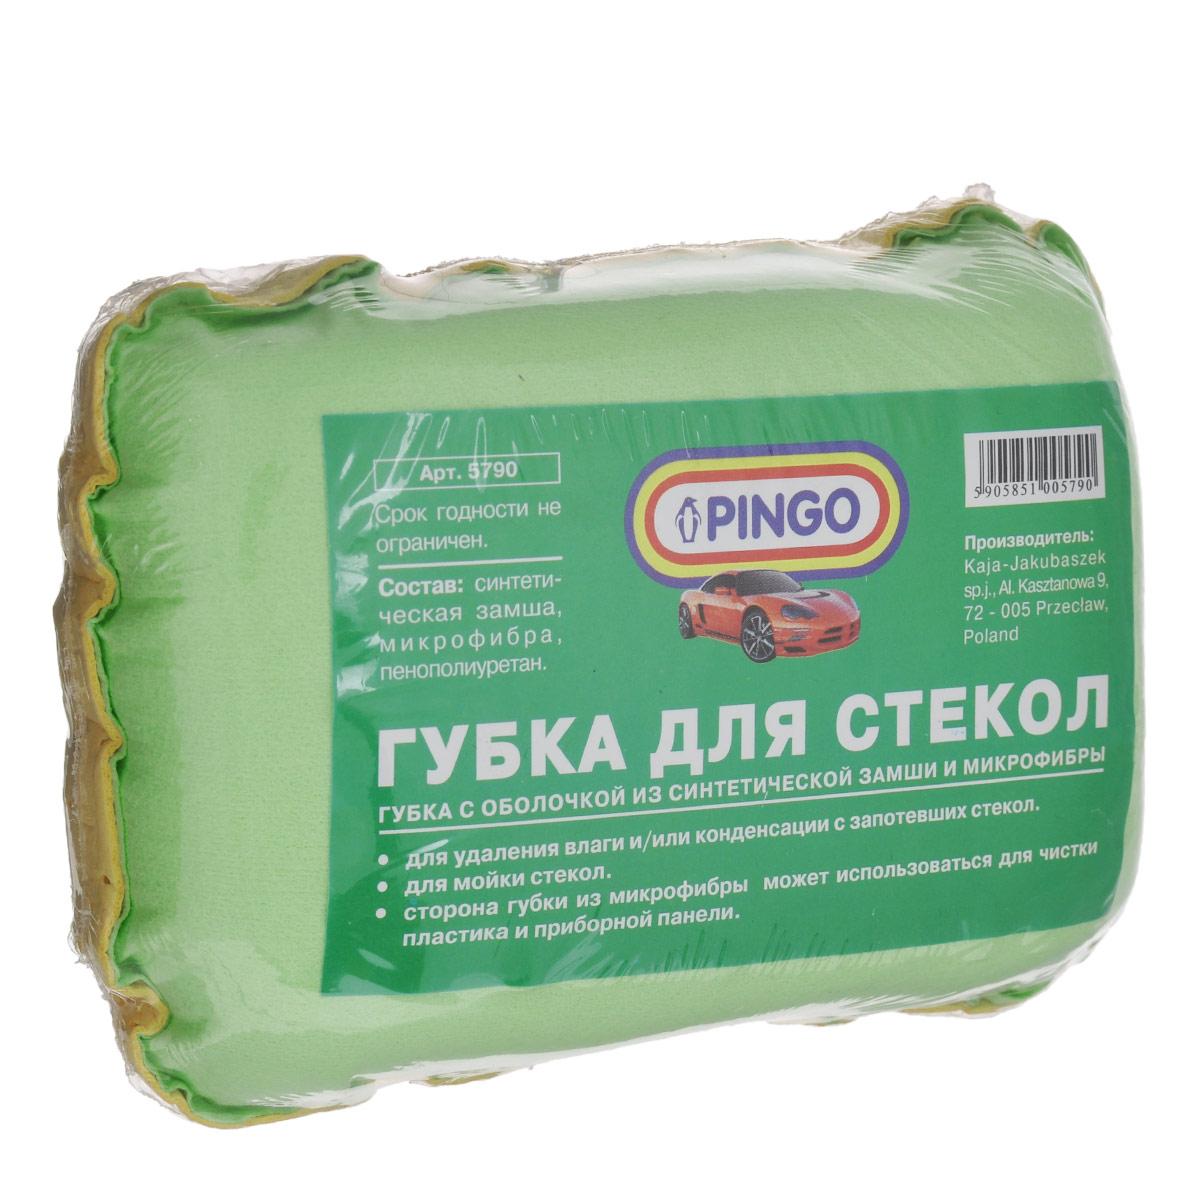 Губка для стекол Pingo, цвет: зеленый, желтый